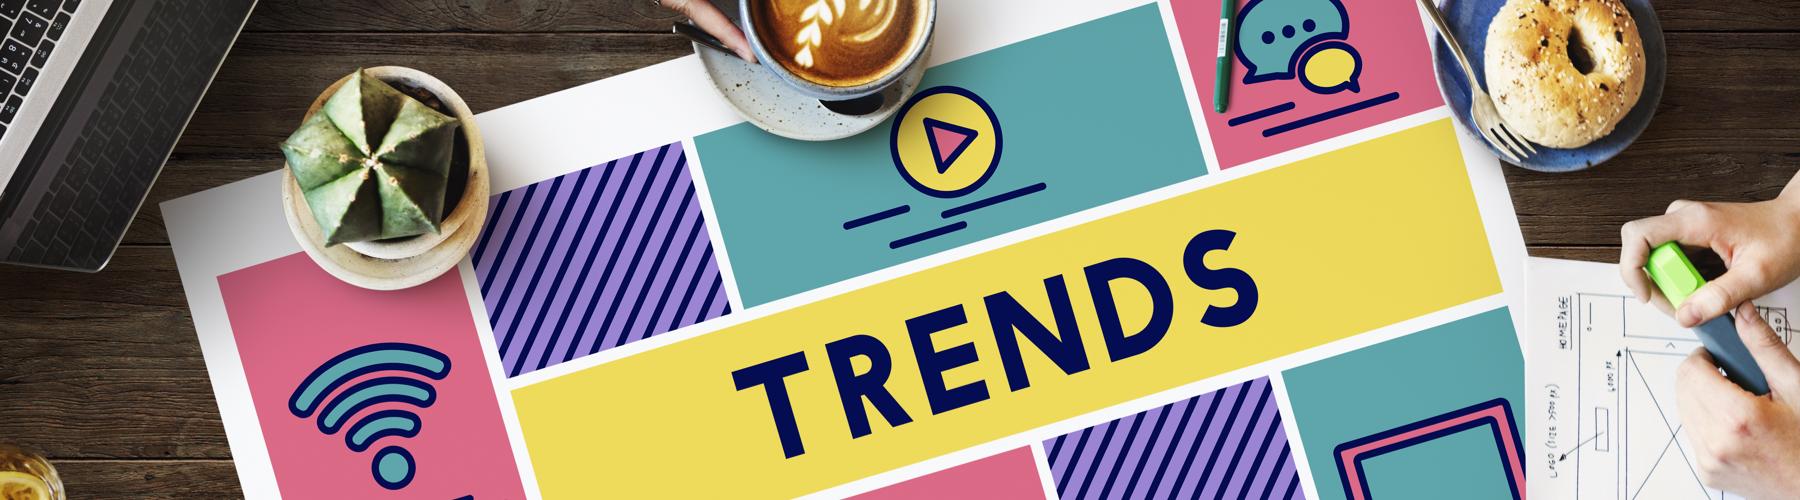 Impression : les tendances de 2020